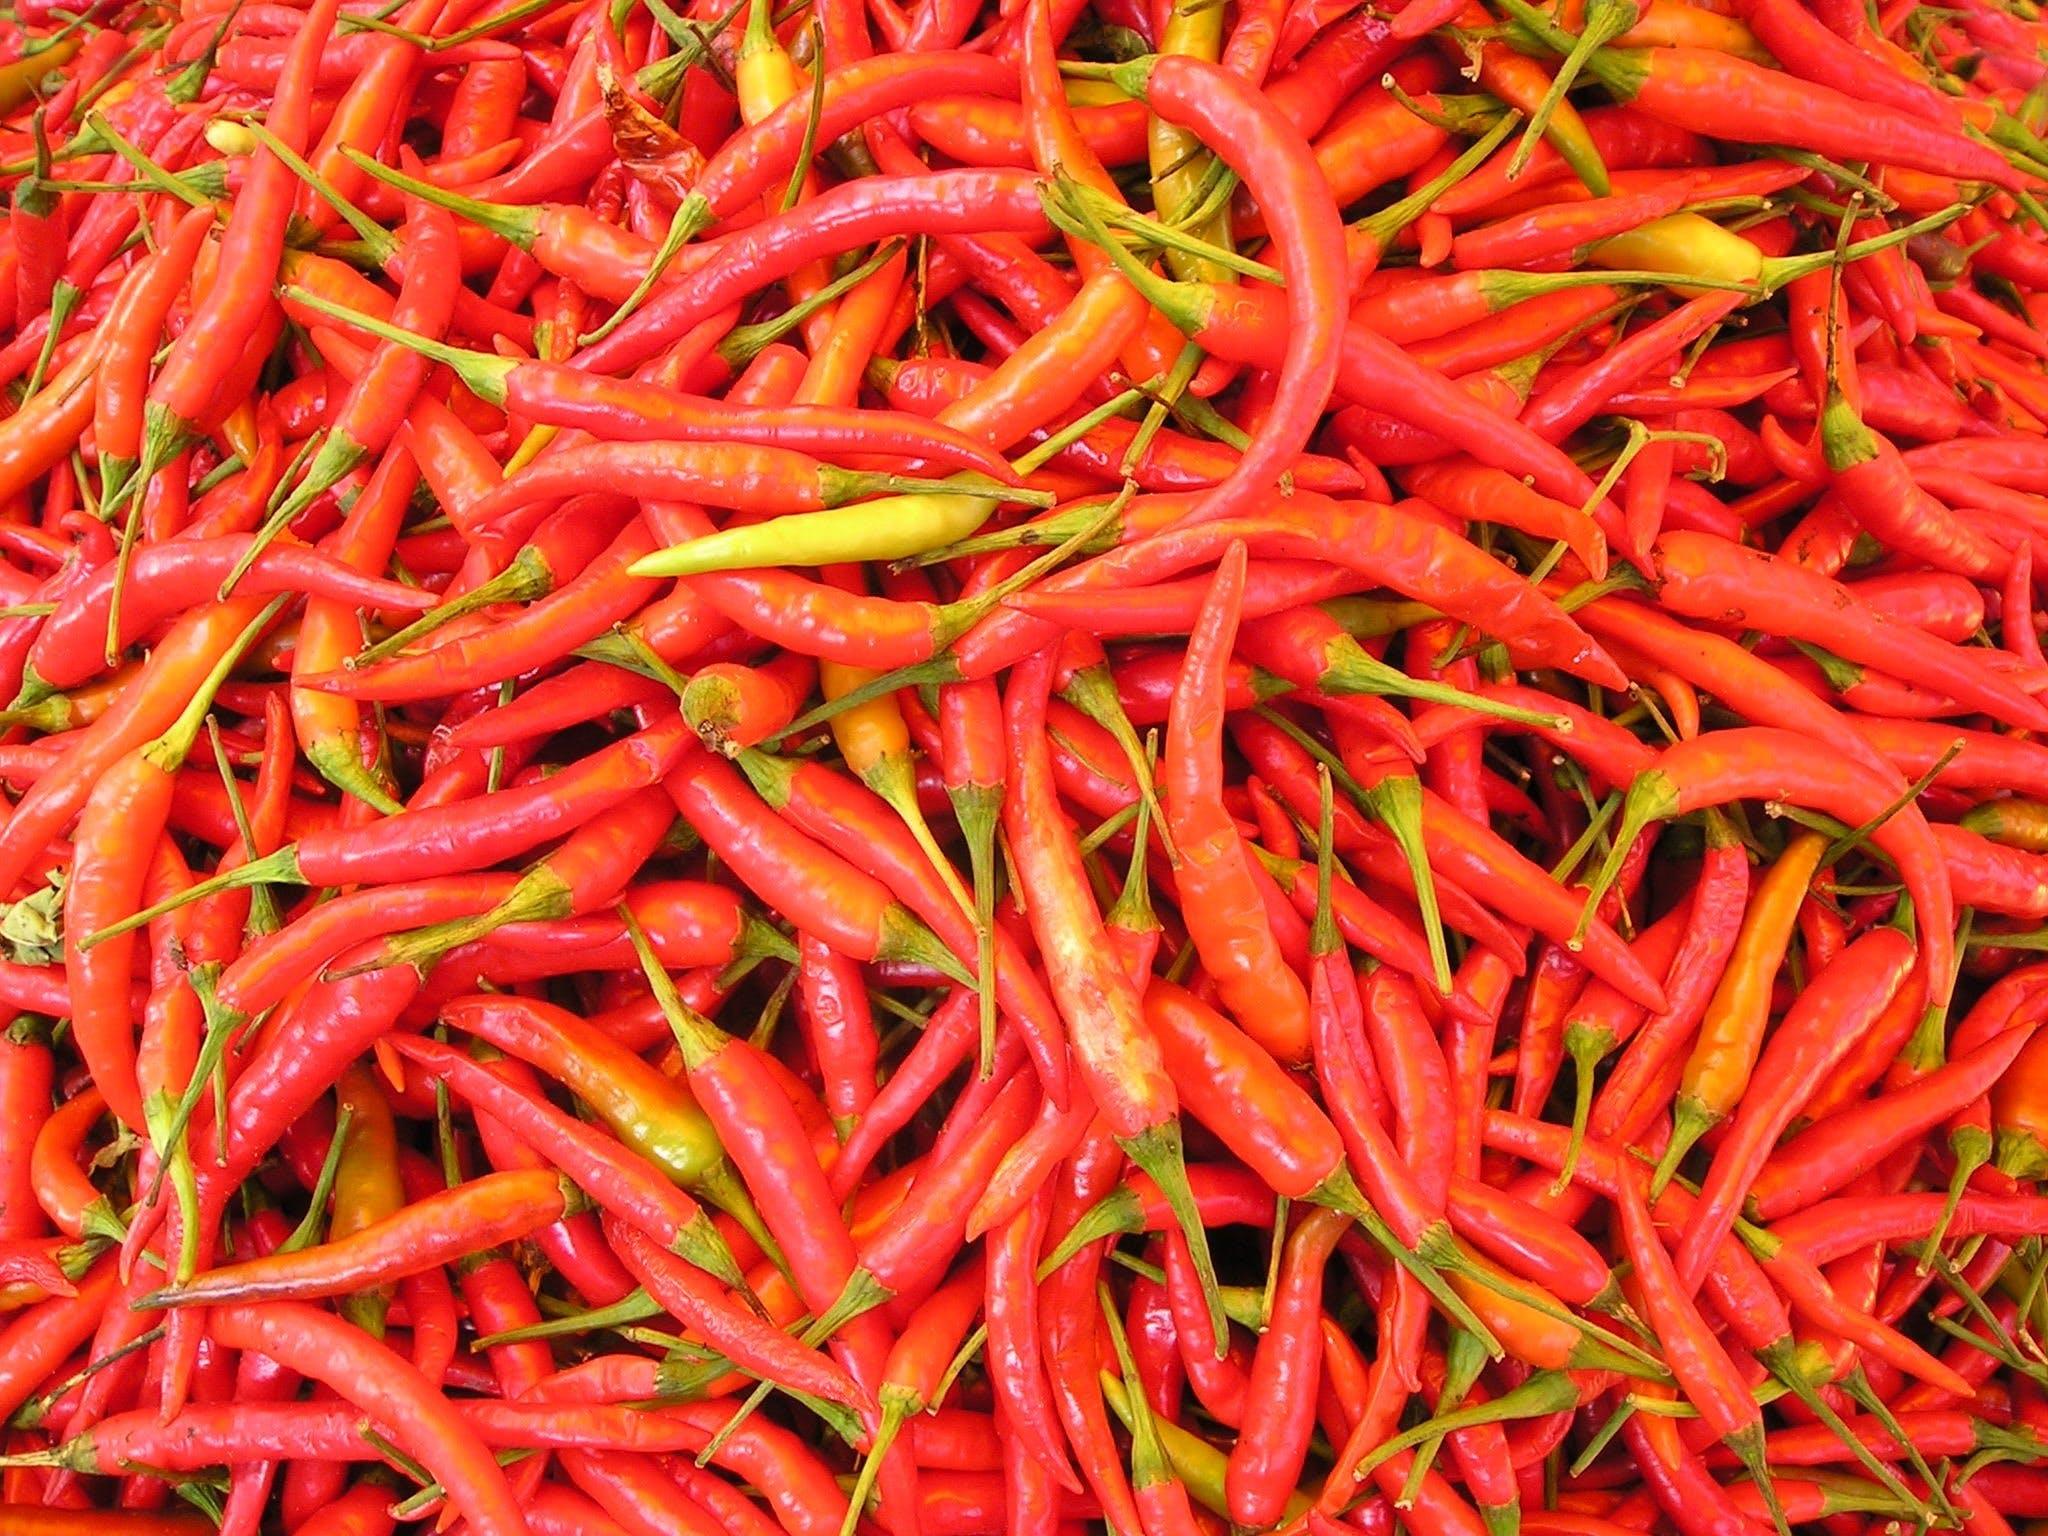 Kostenloses Stock Foto zu chilischoten, essen, frisch, gemüse